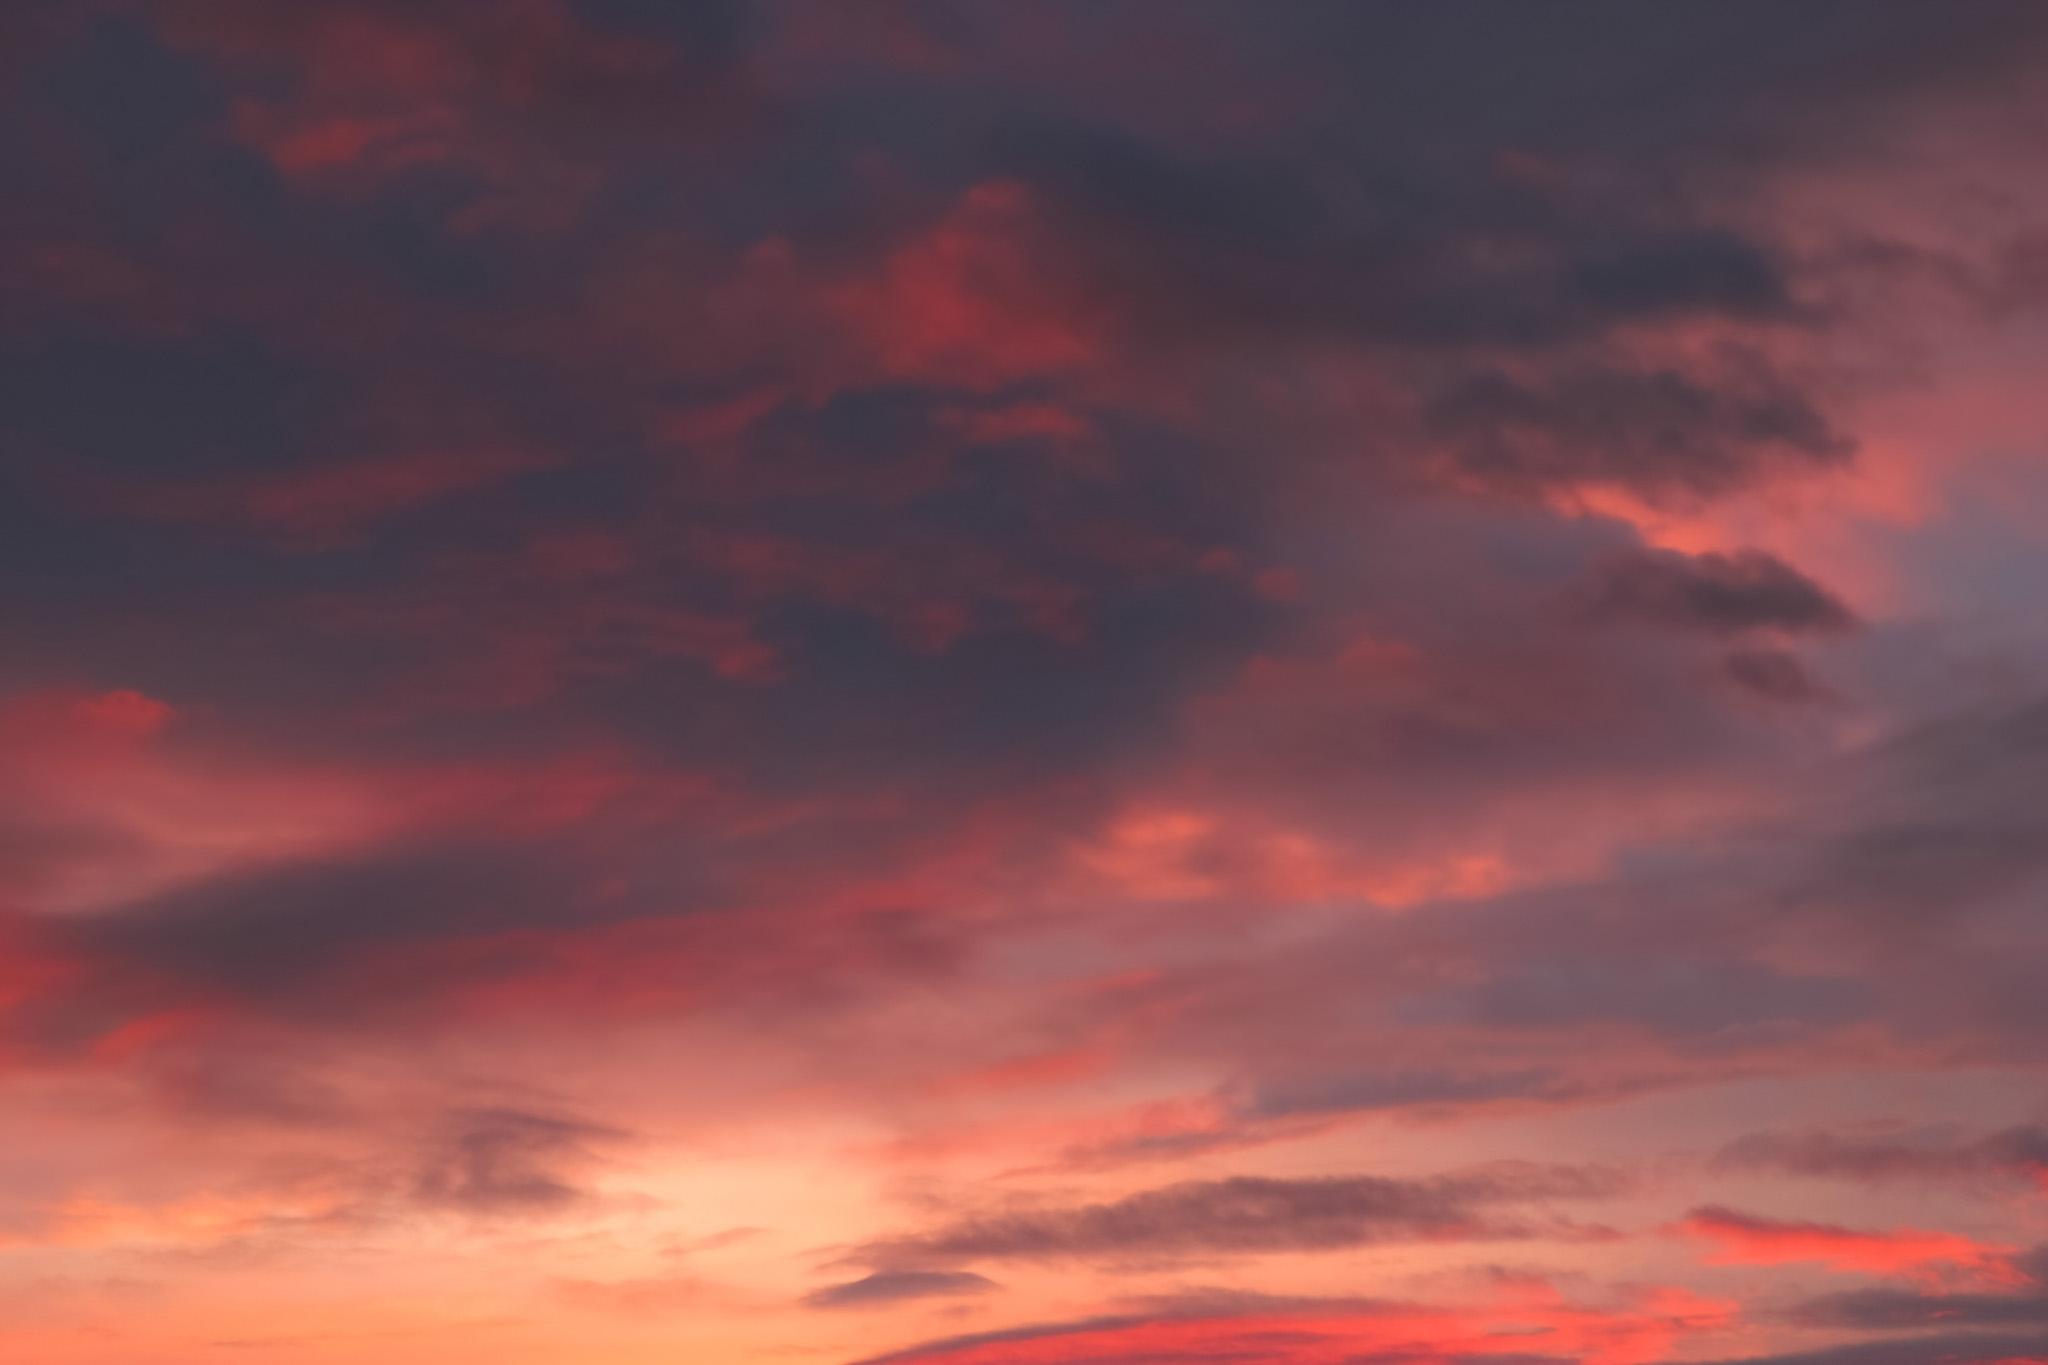 「灰色の雲に反射する夕焼けの朱色」の素材を無料ダウンロード